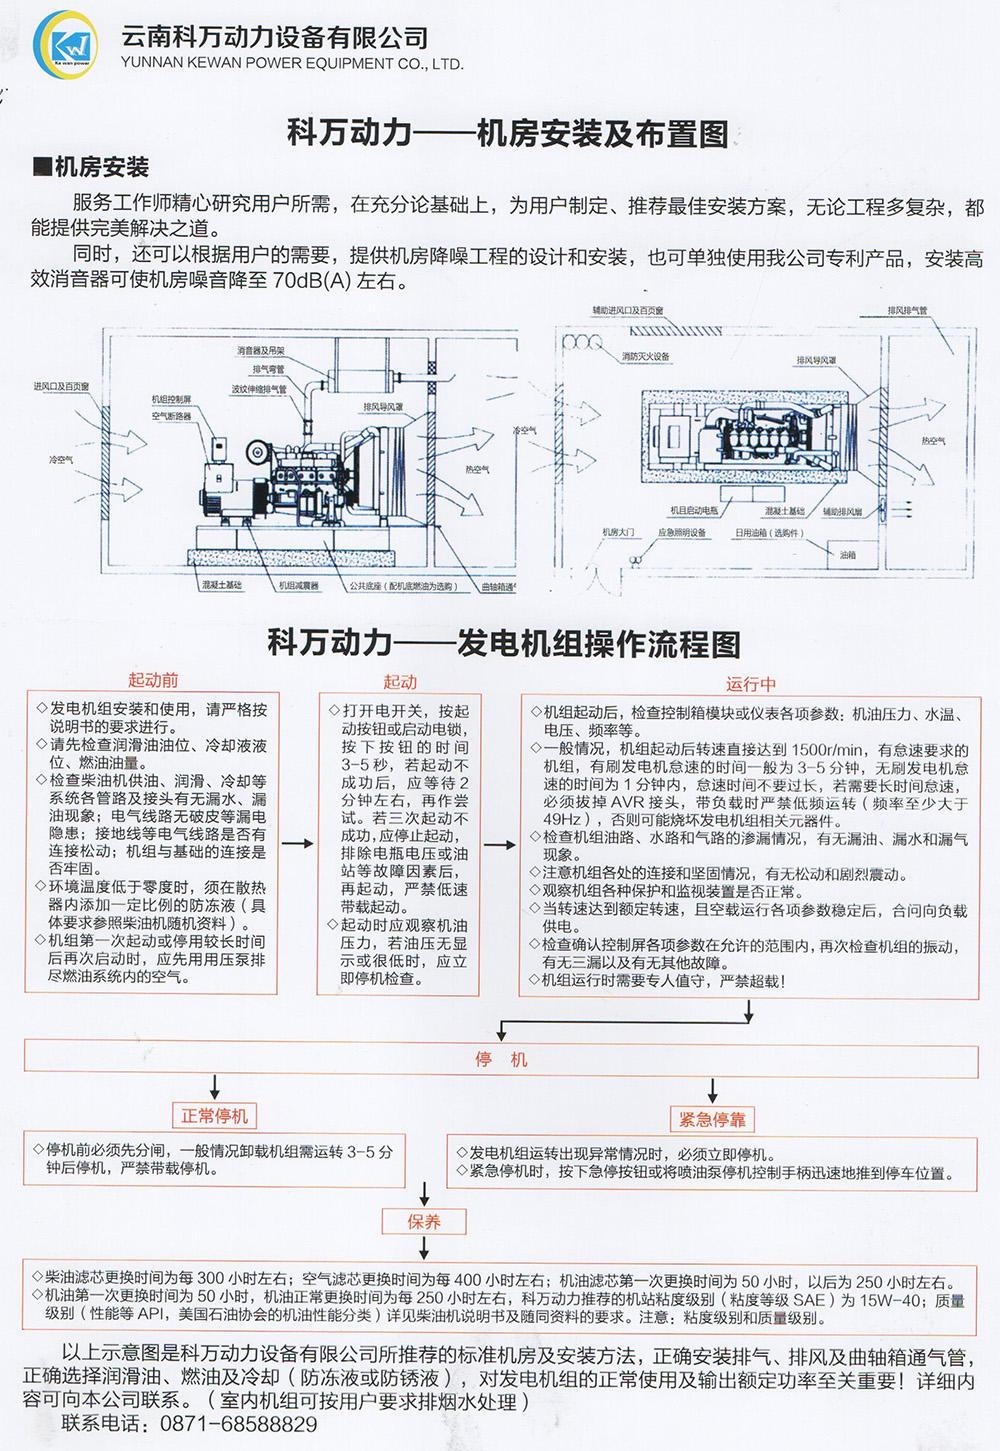 四川康明斯發電機組